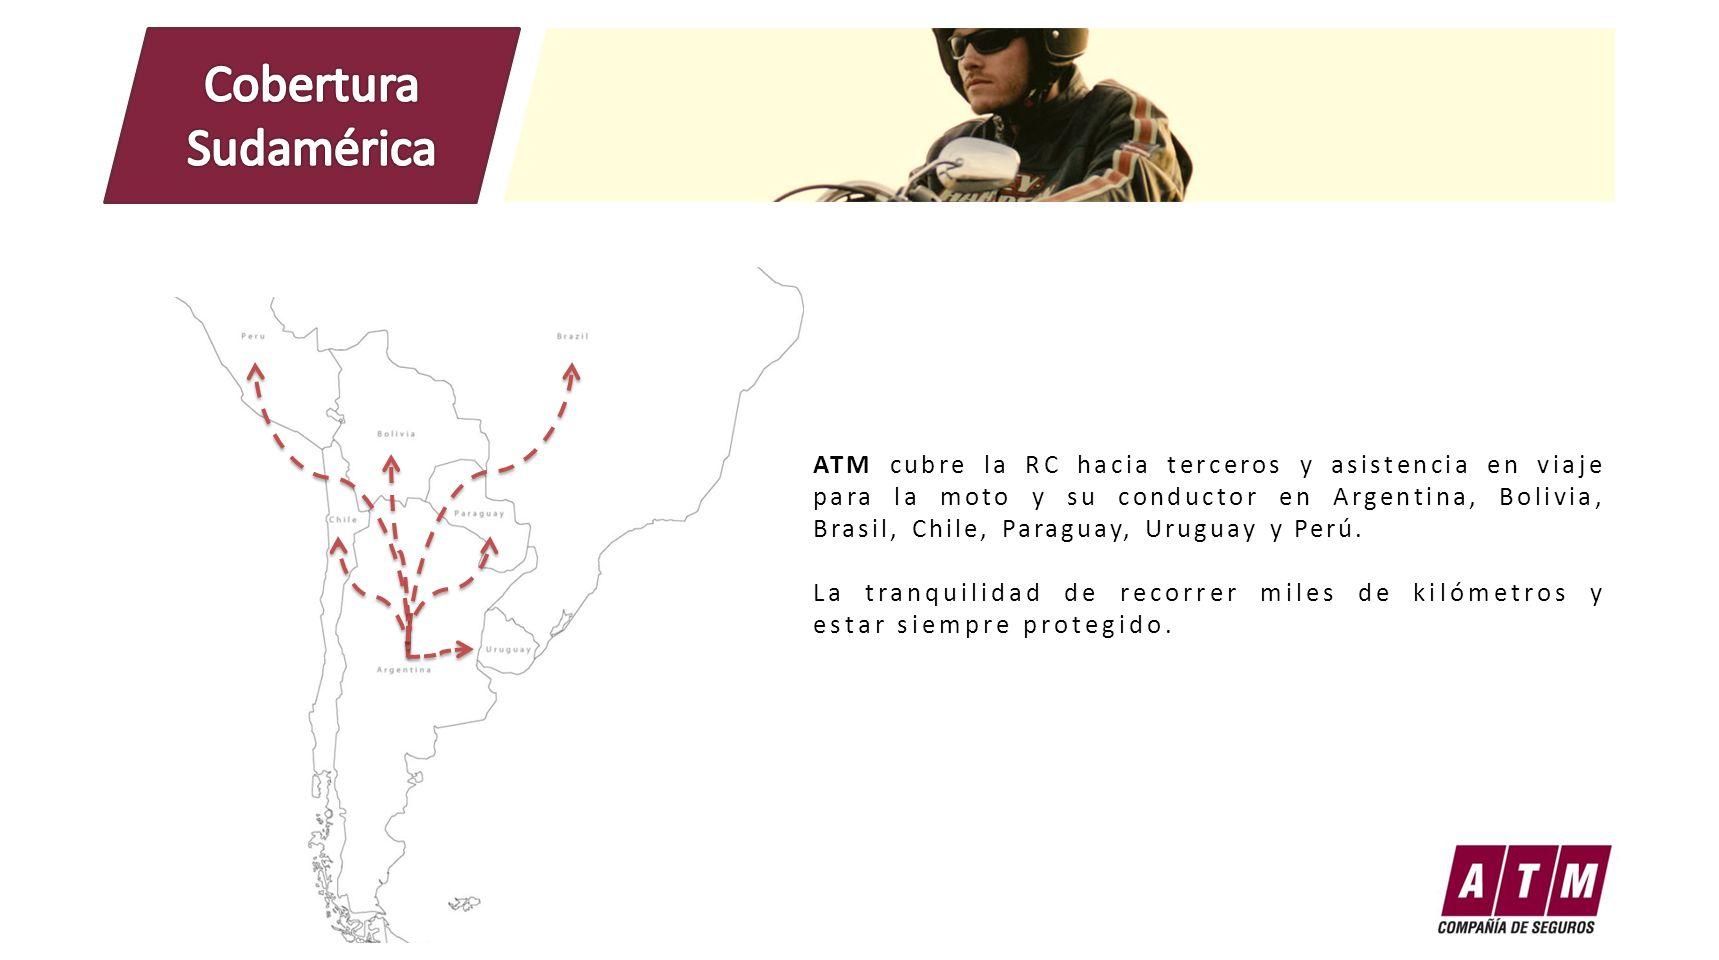 ATM cubre la RC hacia terceros y asistencia en viaje para la moto y su conductor en Argentina, Bolivia, Brasil, Chile, Paraguay, Uruguay y Perú. La tr